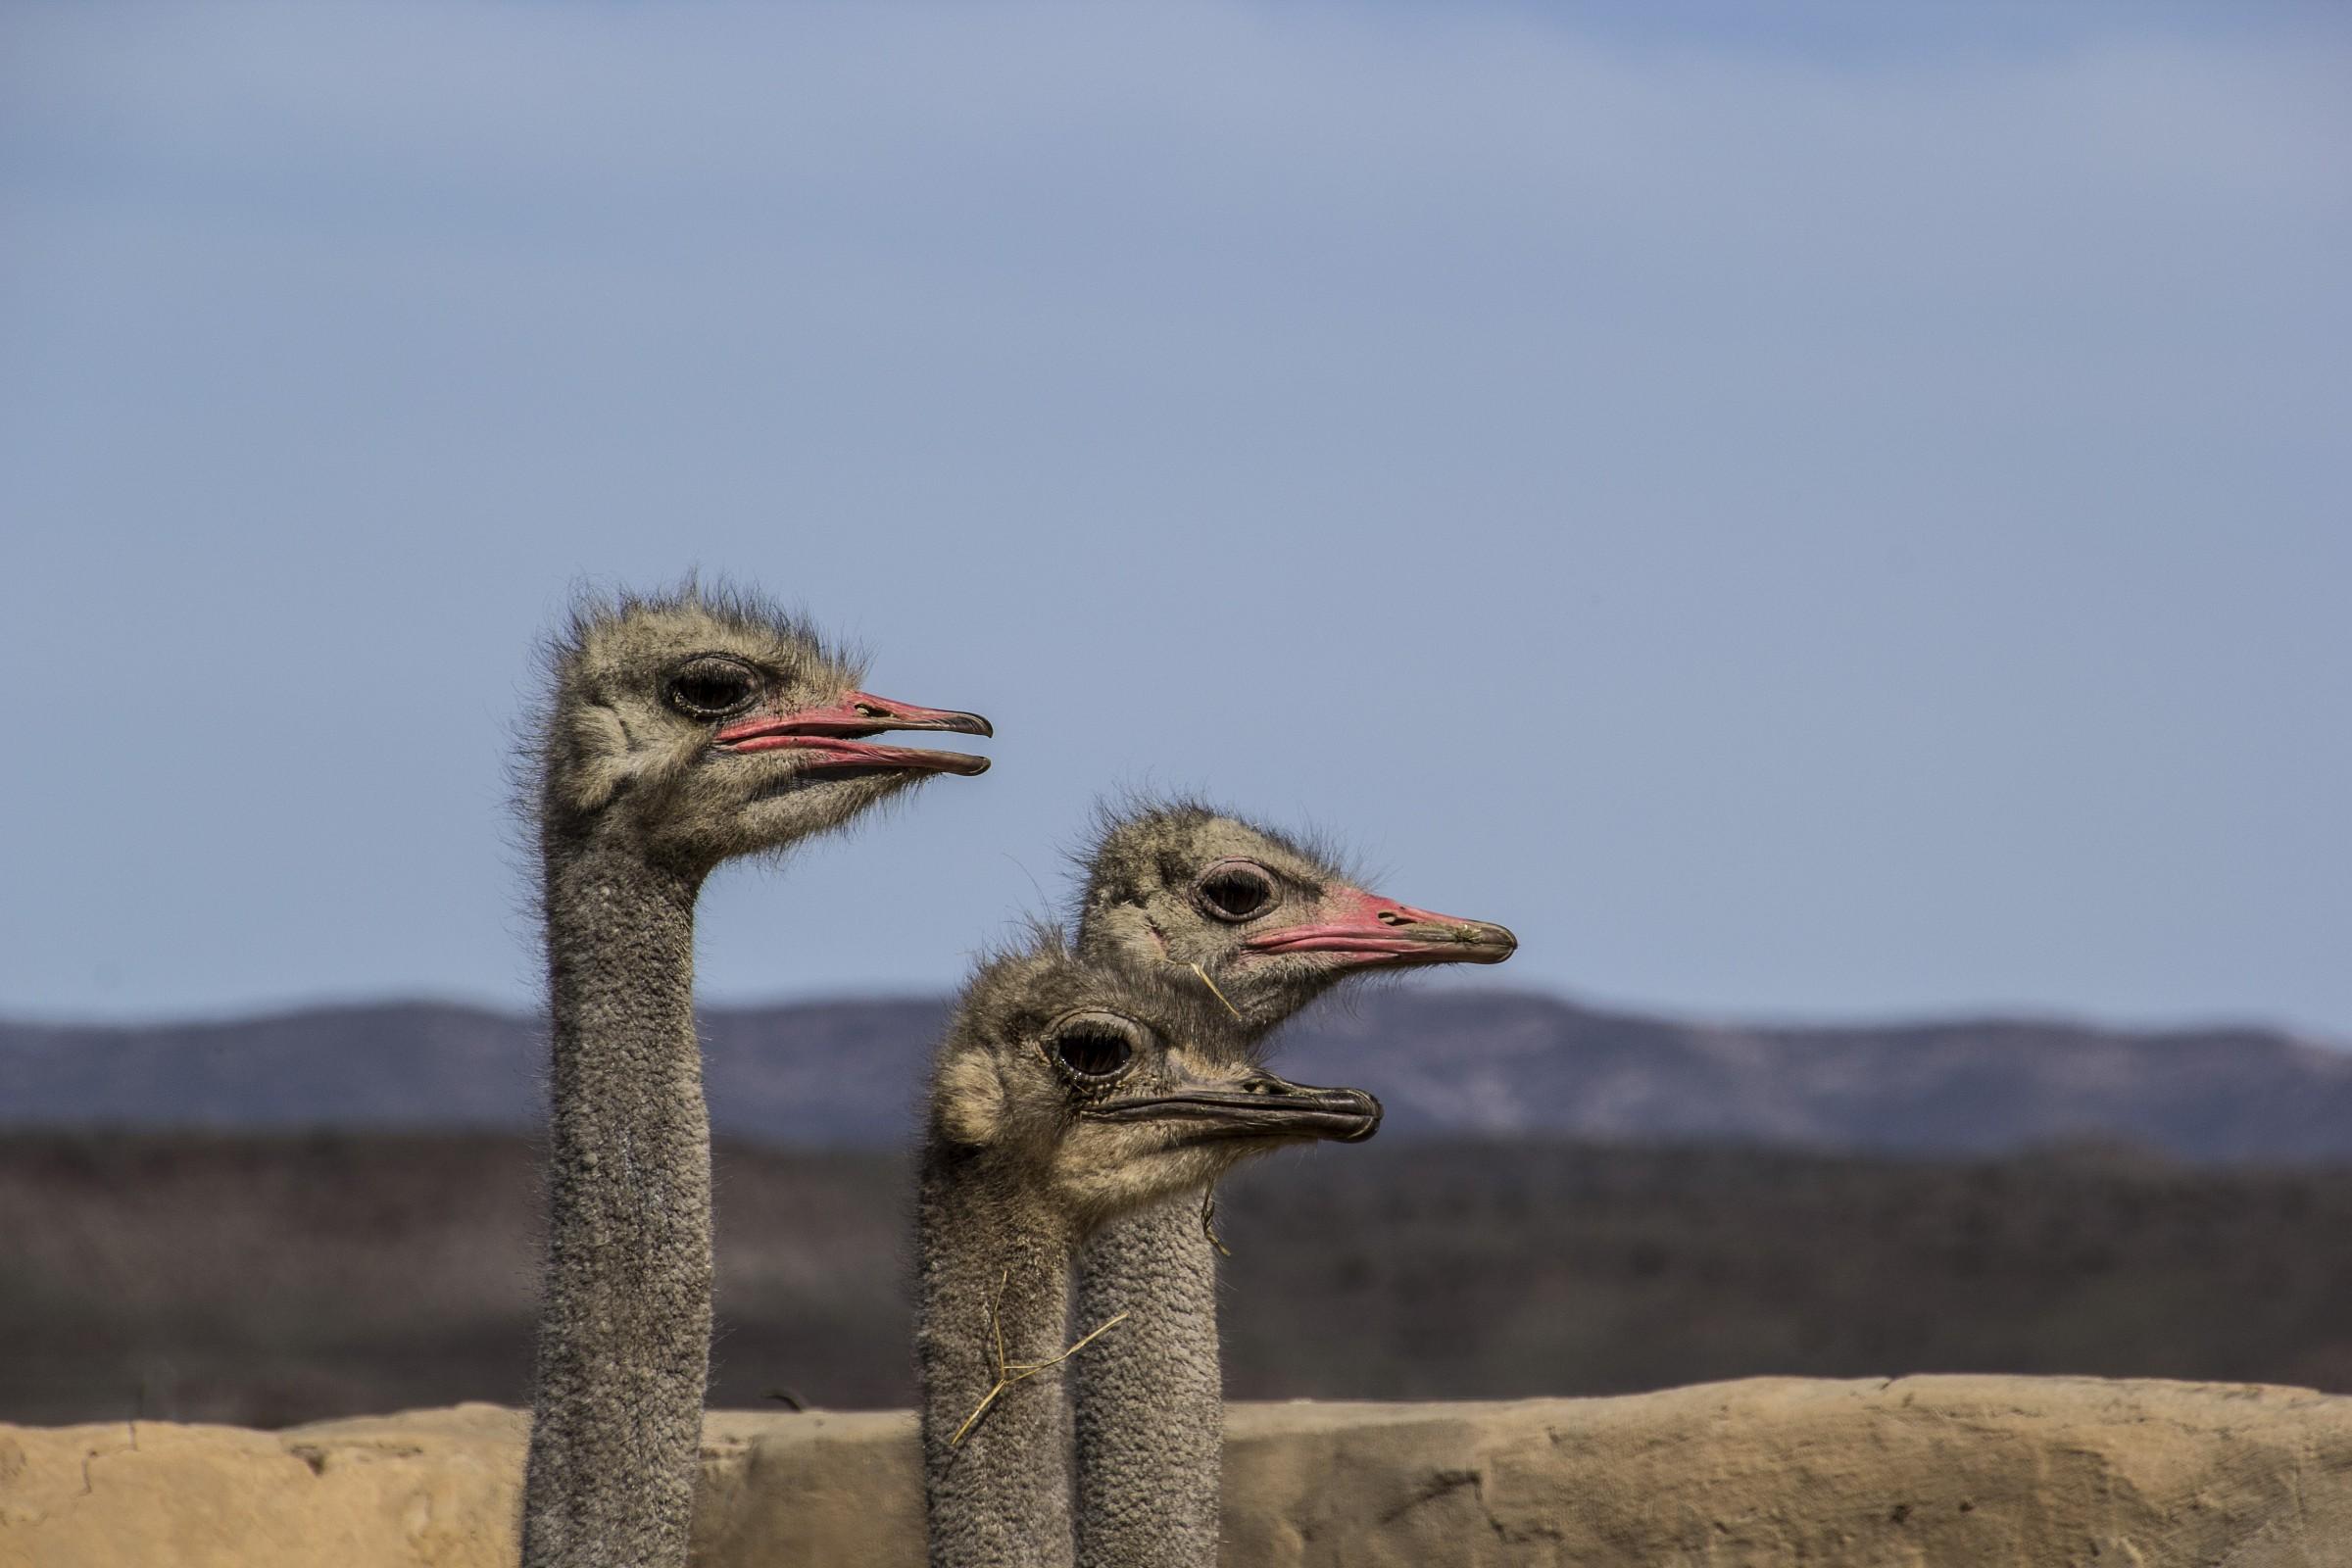 Ostriches...